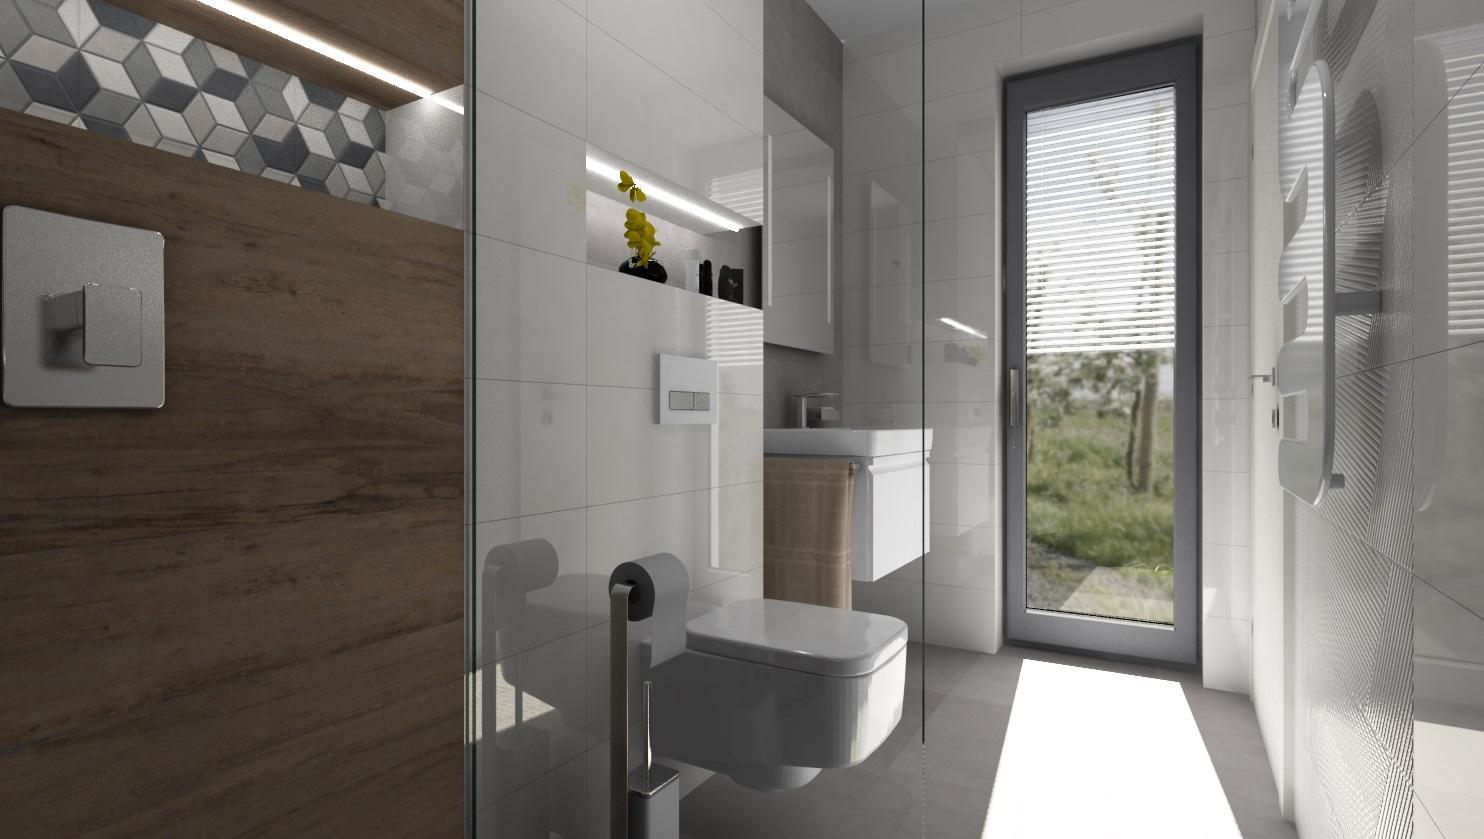 Dlažby do kúpeľne v imitácii dreva - www.modernekupelne.sk - DREVO - SIVÁ - BIELA  - návrh kúpeľne s vizualizáciou - obklad biely lesklý 25x75 - obklad dizajn dreva 20x120 - dlažba sivá matná 60x60